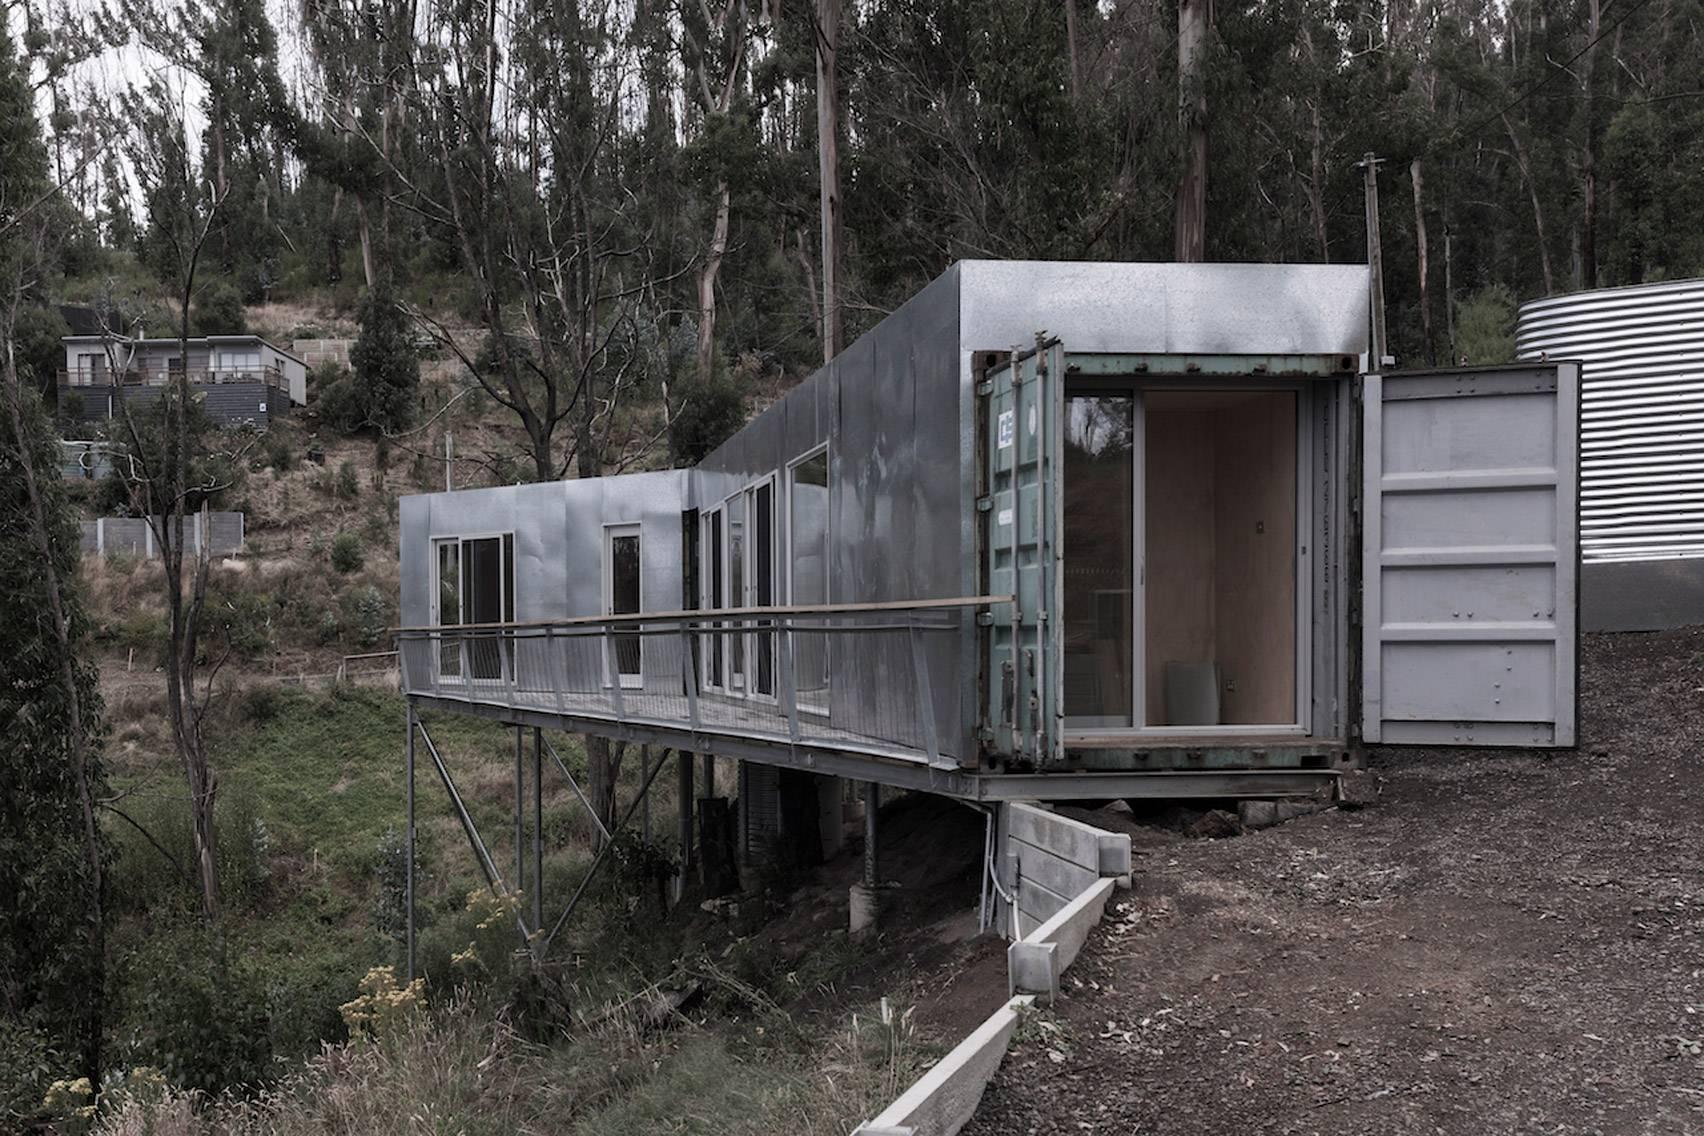 projetos incriveis de container 1 13